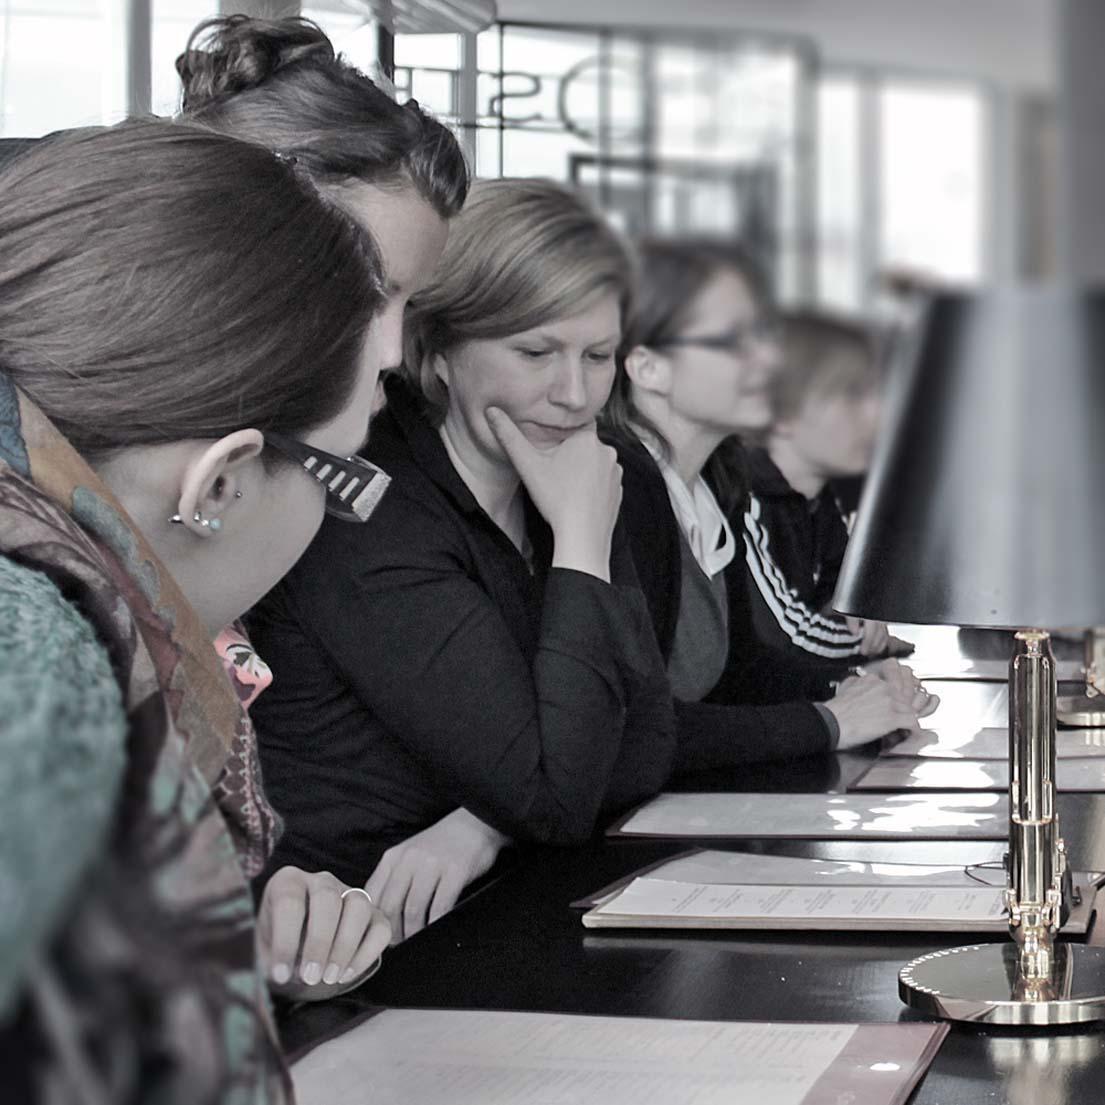 Simone Korte (Konzept und Gestaltung, Kronberg im Taunus) im Kreise von Kollegen/innen.